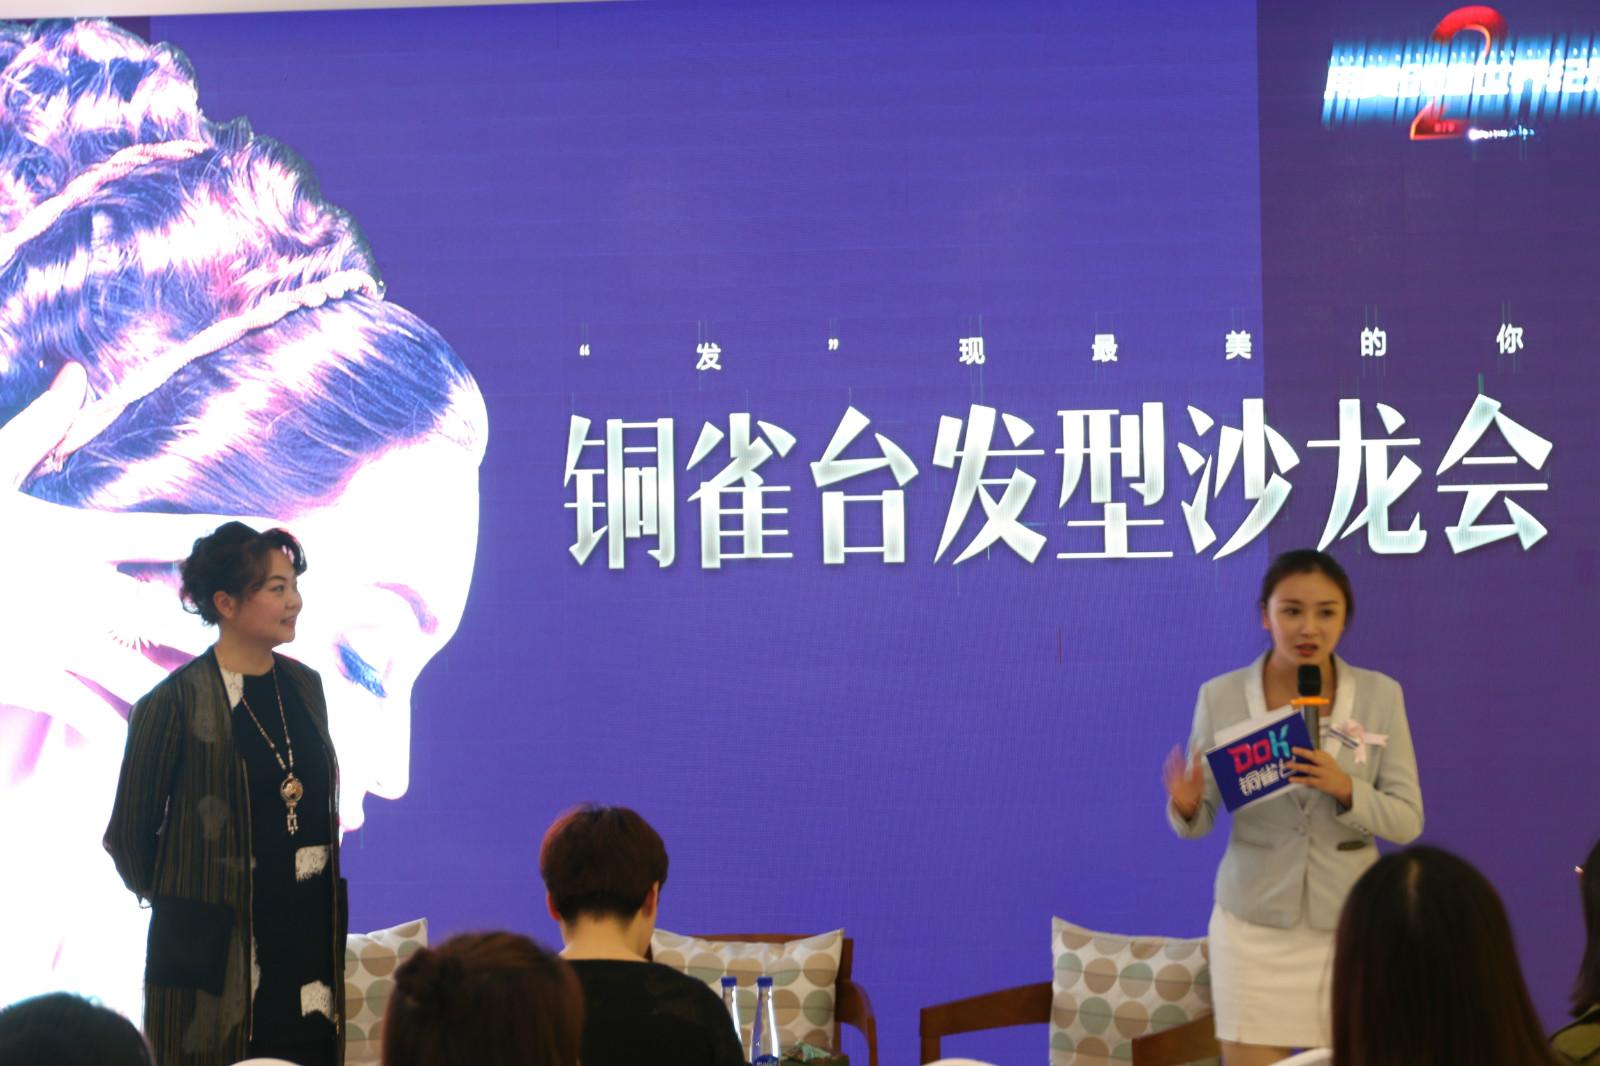 重庆铜雀台发型沙龙活动